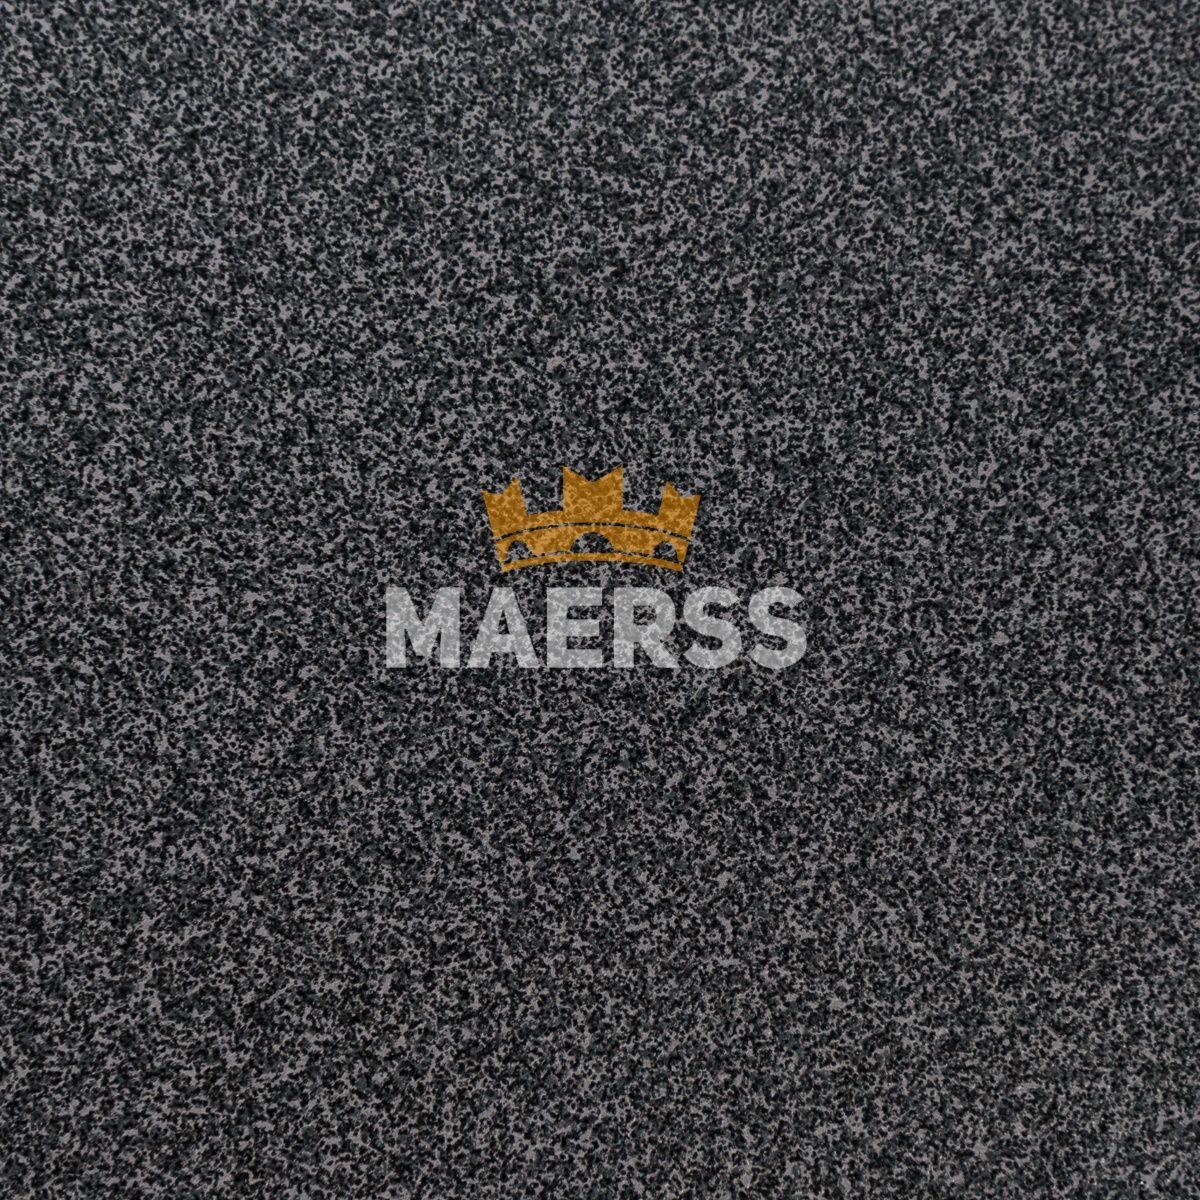 Столешница матовая 2338/S 2гр. Лунный металл ДСП / Пластик купить в интернет-магазине МАЕРСС